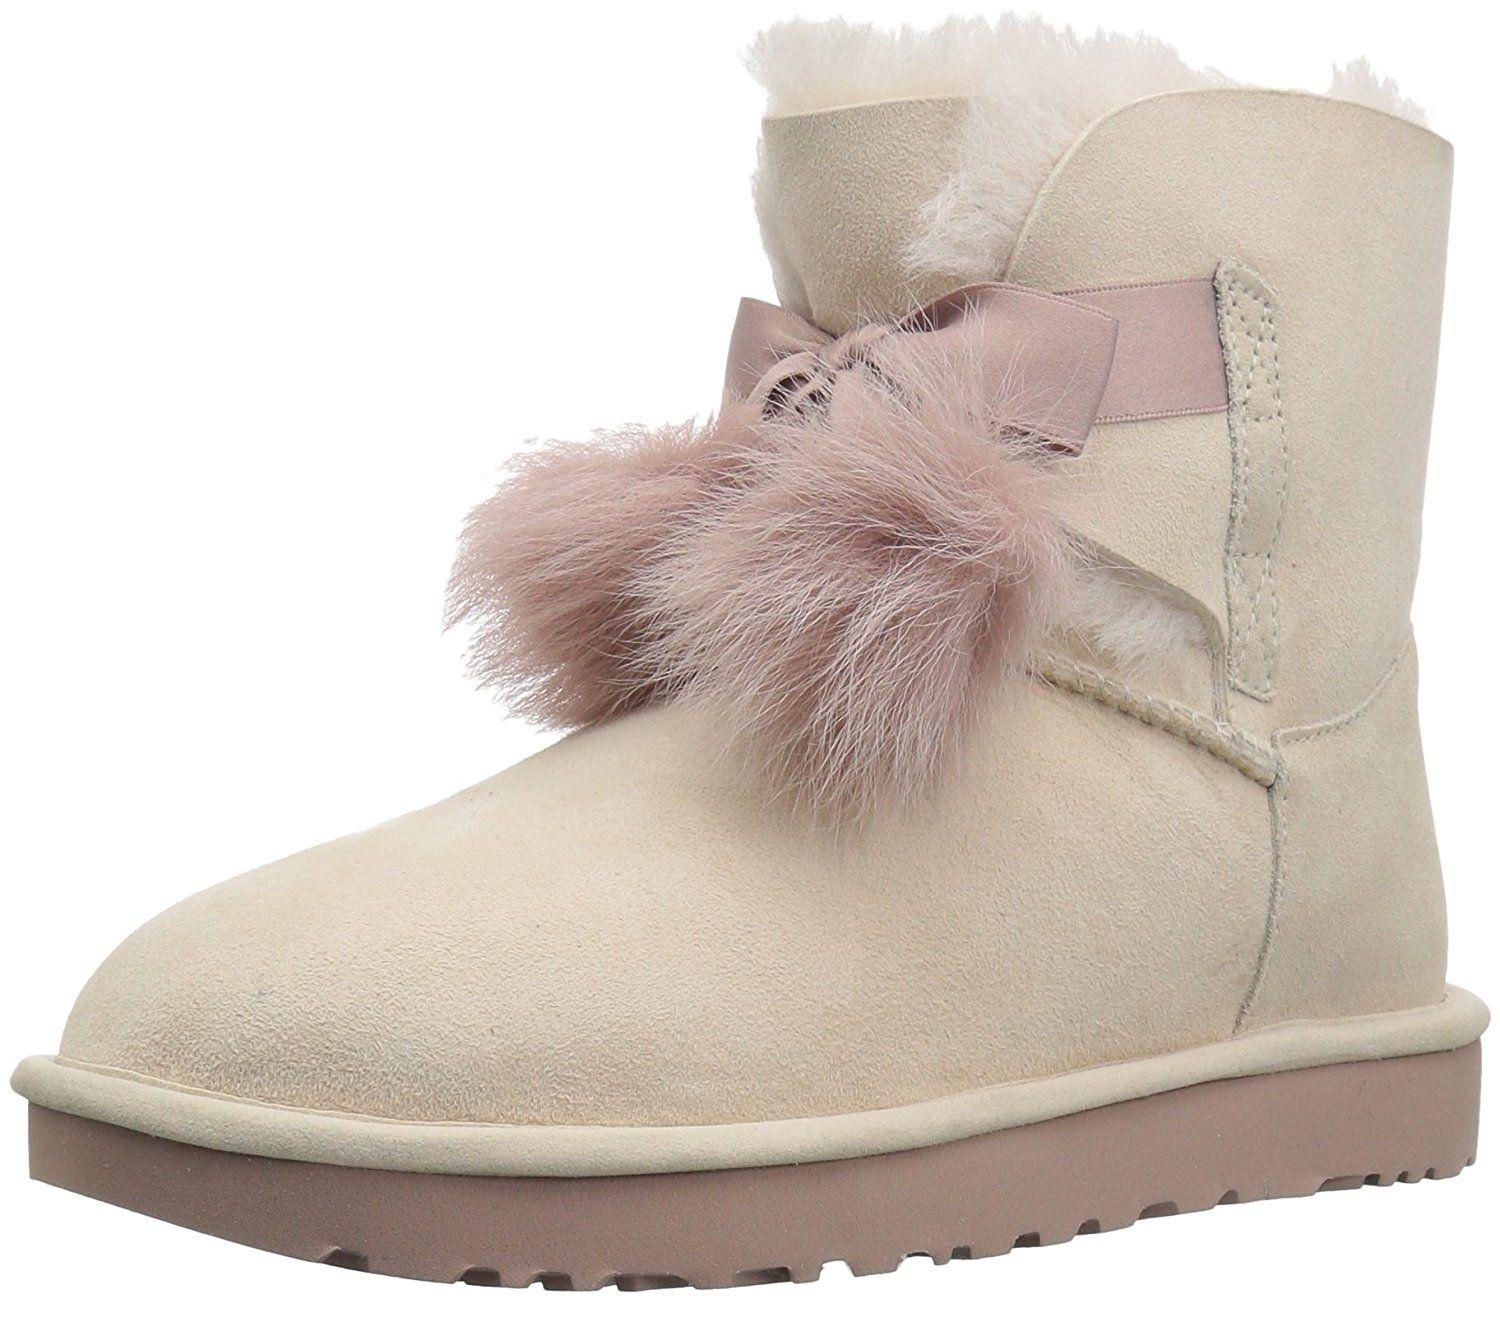 ccf69cb1400 Amazon.com | UGG Women's Gita Pom-Pom Boot | Ankle & Bootie | for my ...